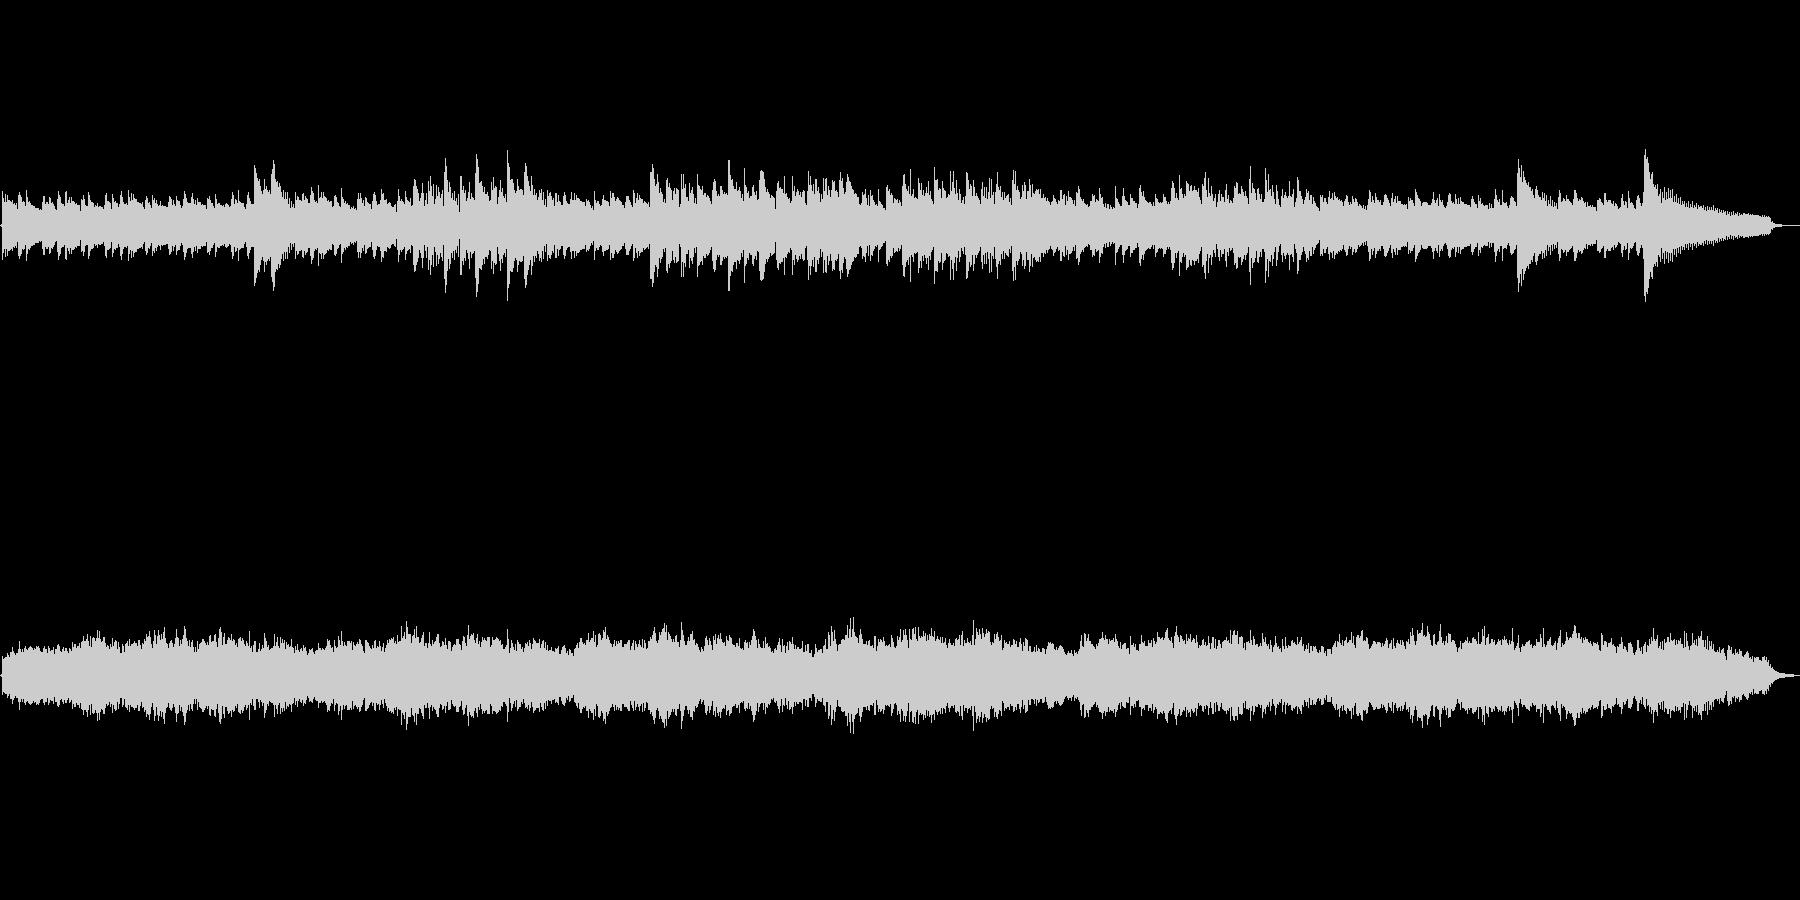 アランフィス協奏曲の冒頭をギターアレン…の未再生の波形